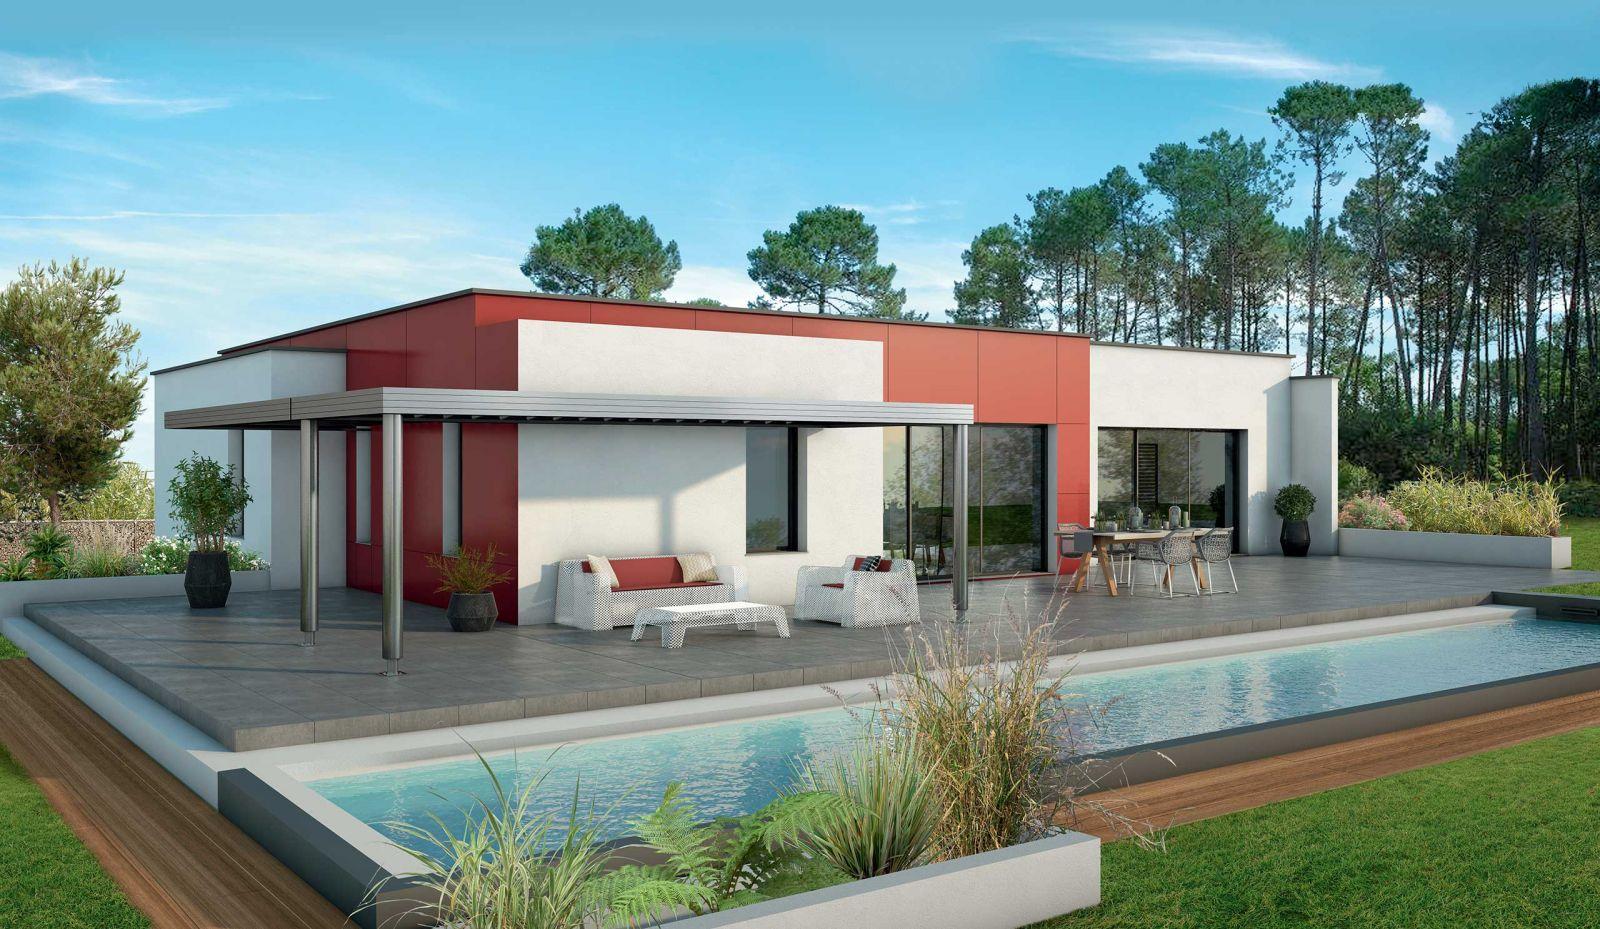 Terrain de 1150 m² + Maison de 135 m² + Garage de 20 m² sur la commune de Baurech